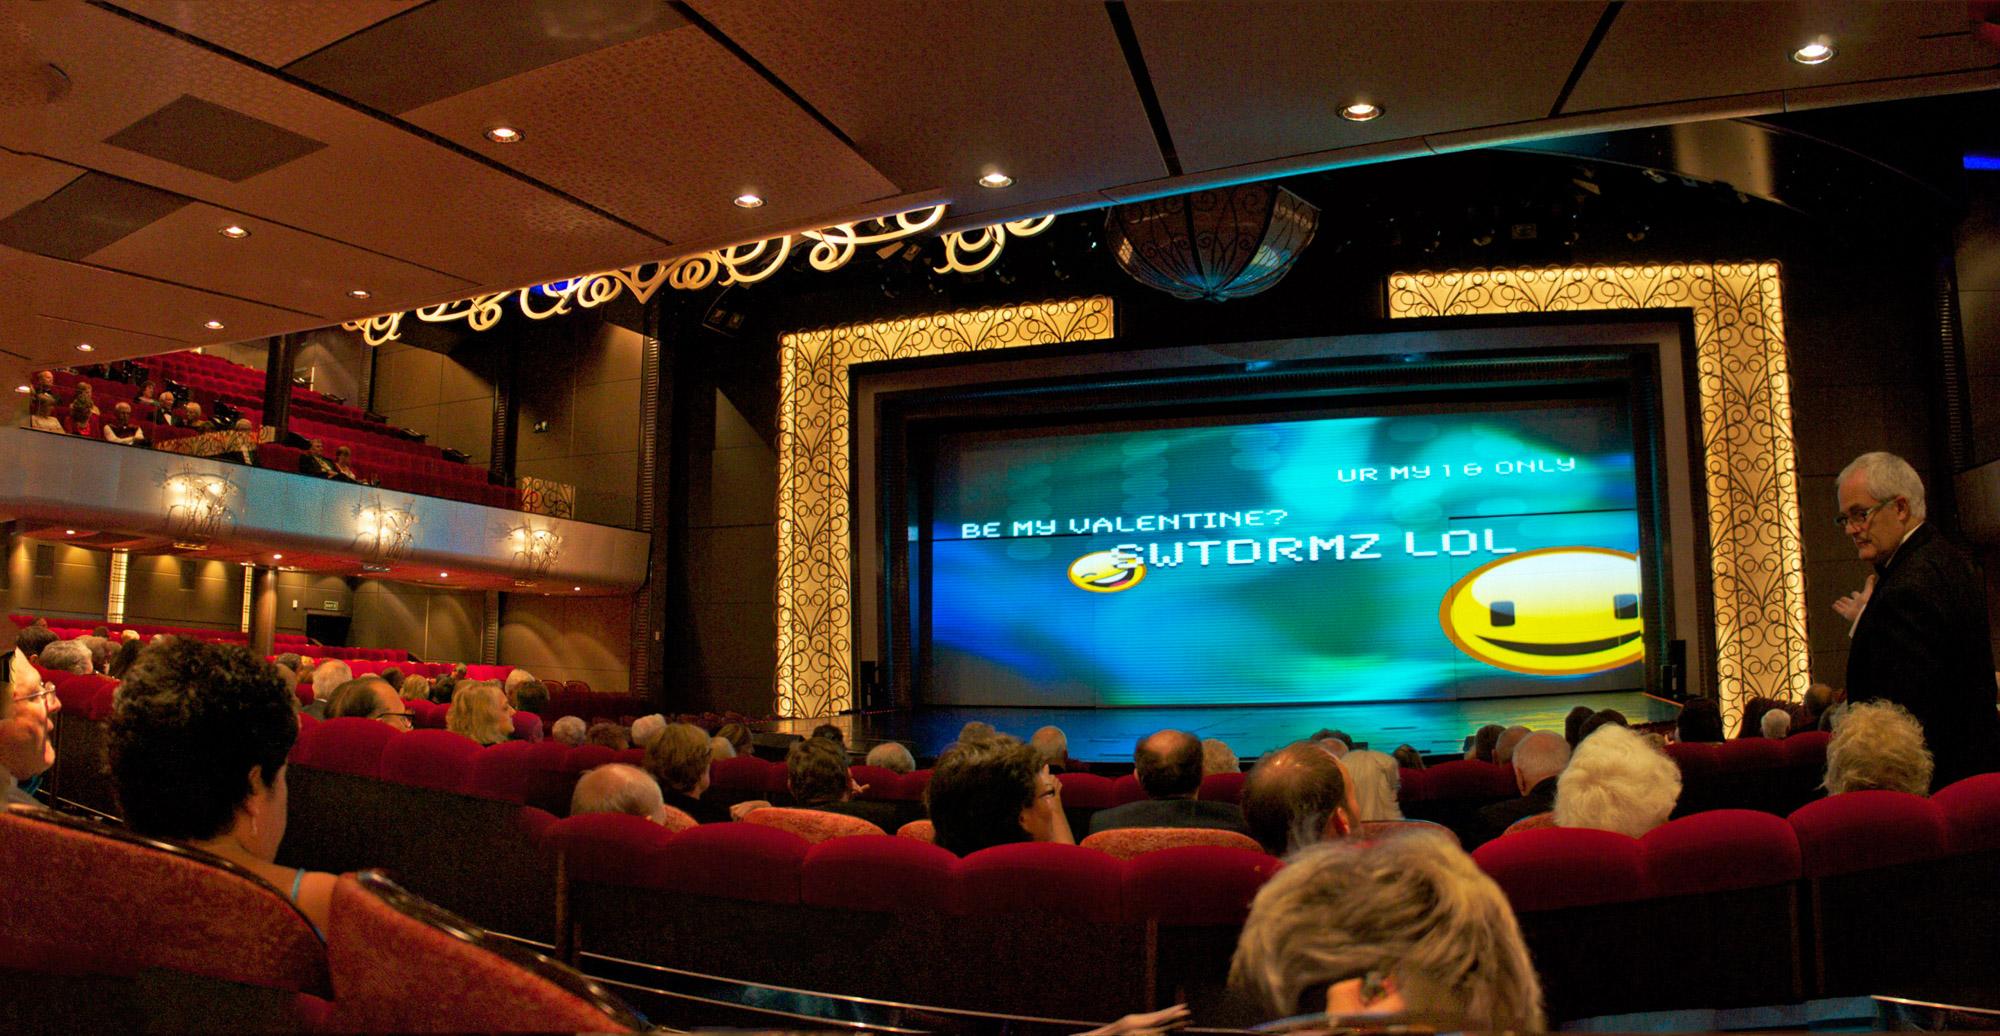 038theater689-91.jpg